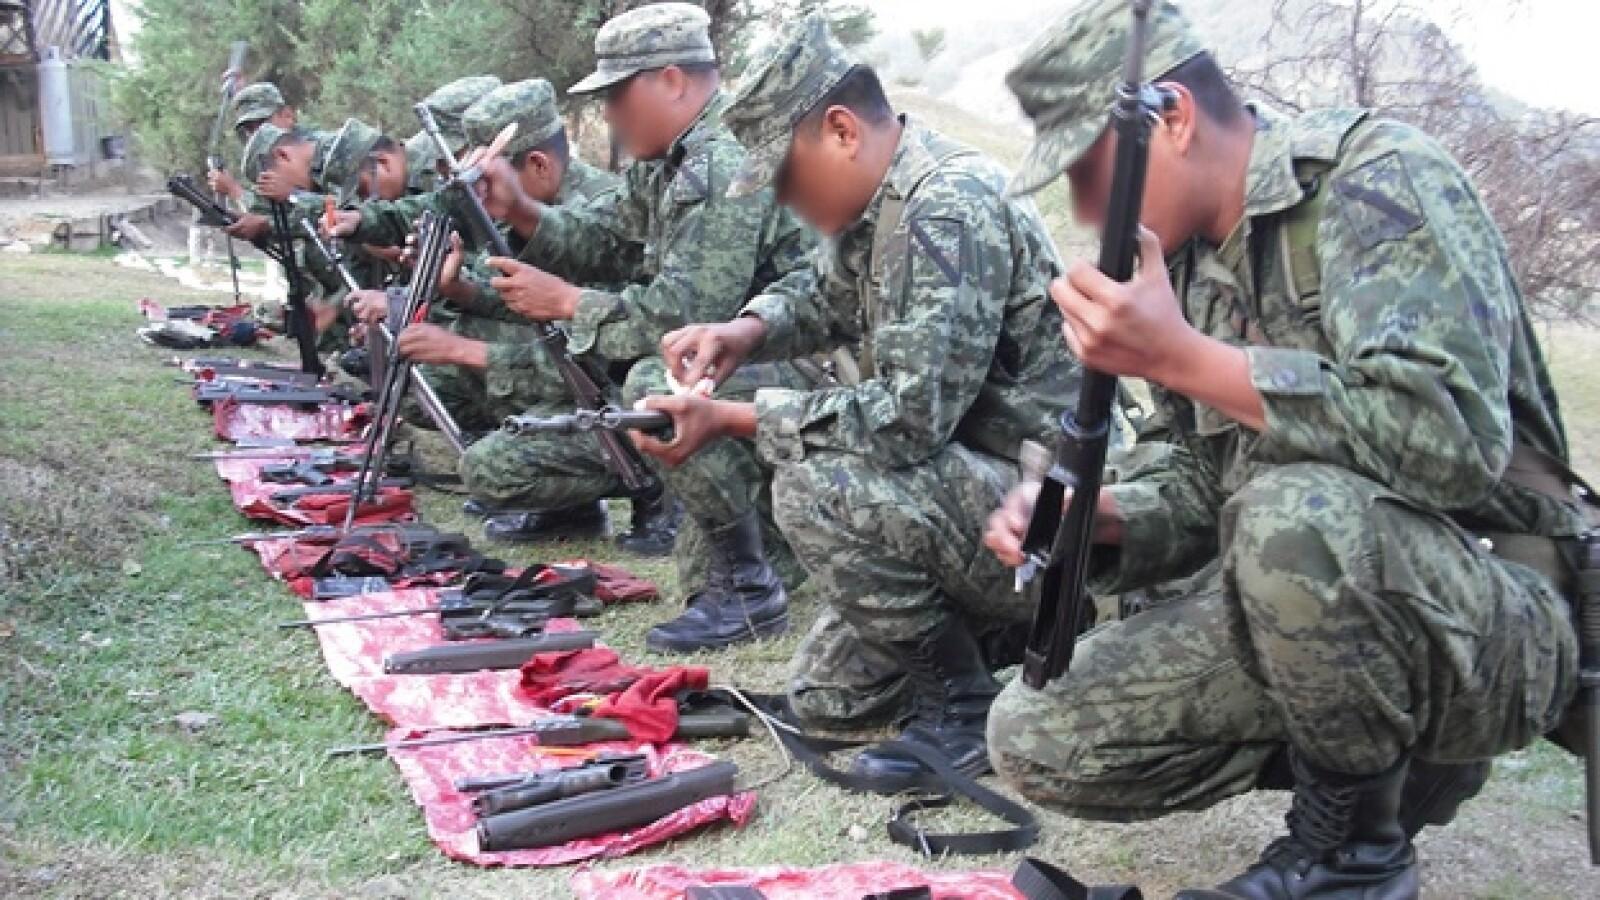 Antes de salir a cualquier operativo, los militares deben revisar su armamento, lo limpian cautelosamente para evitar errores fatales